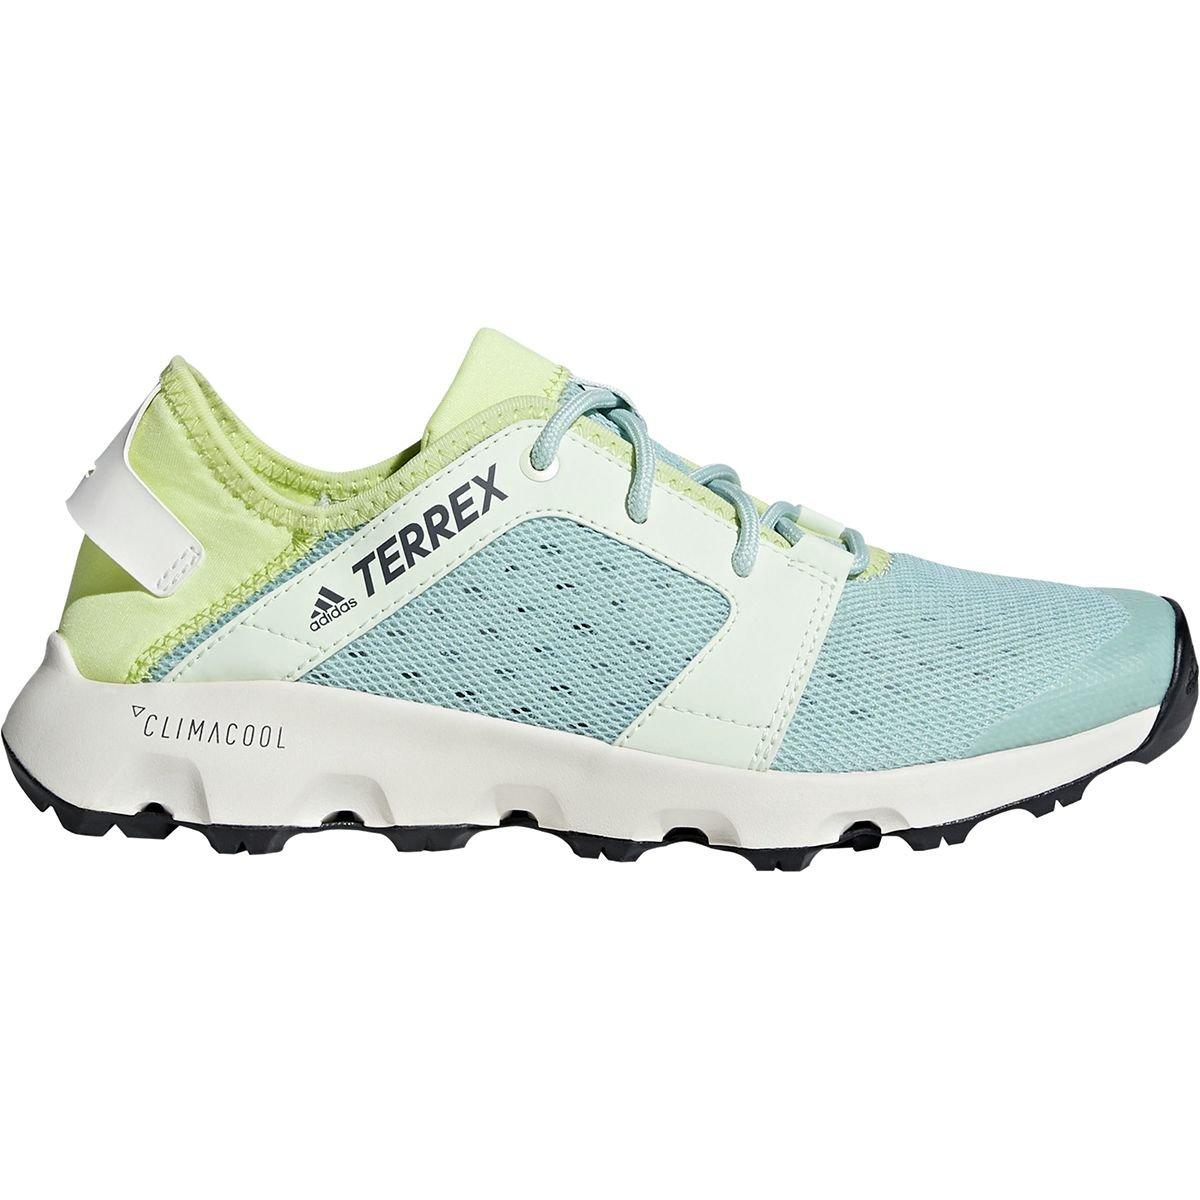 [アディダス] Outdoor Terrex Climacool Voyager Sleek Shoe レディース ウォーターシューズ [並行輸入品] 28.0 cm  B07C5RWRFR